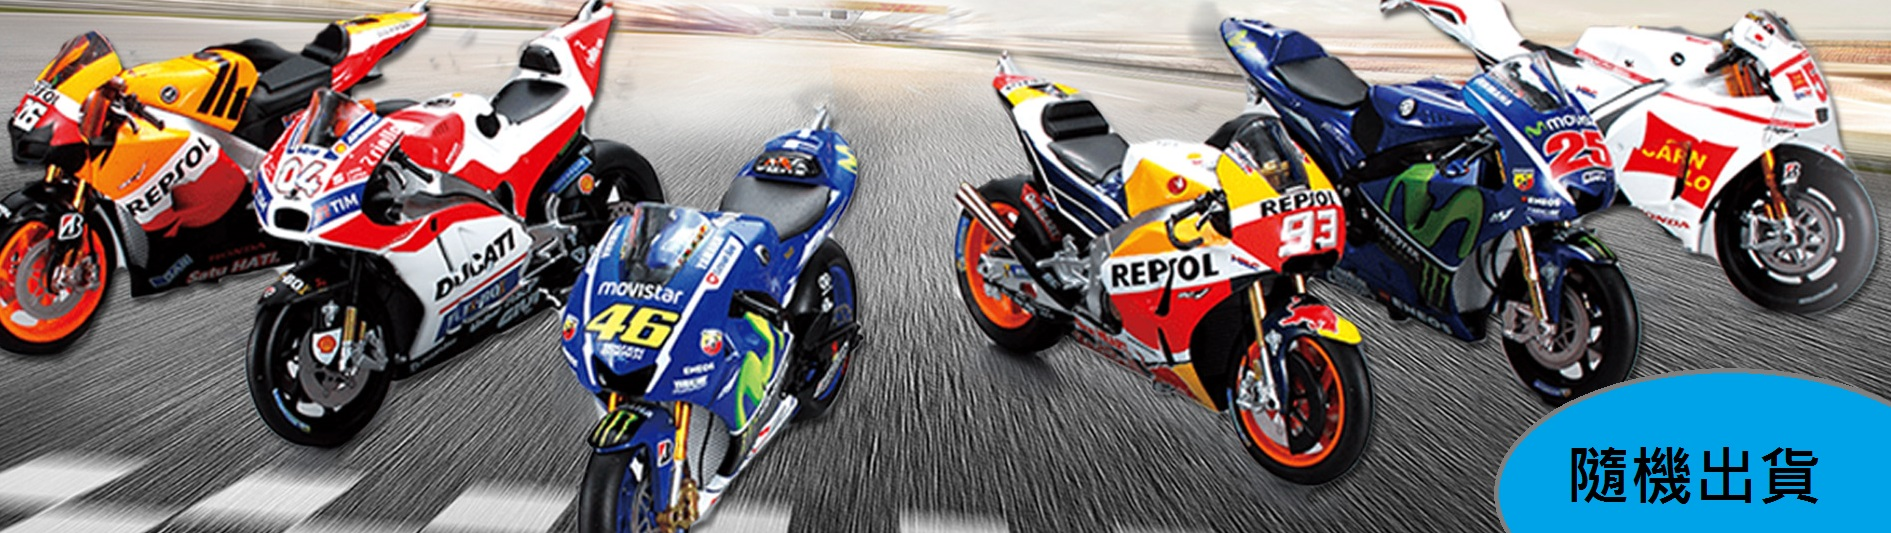 2020雙11贈品 MotoGP(隨機款)